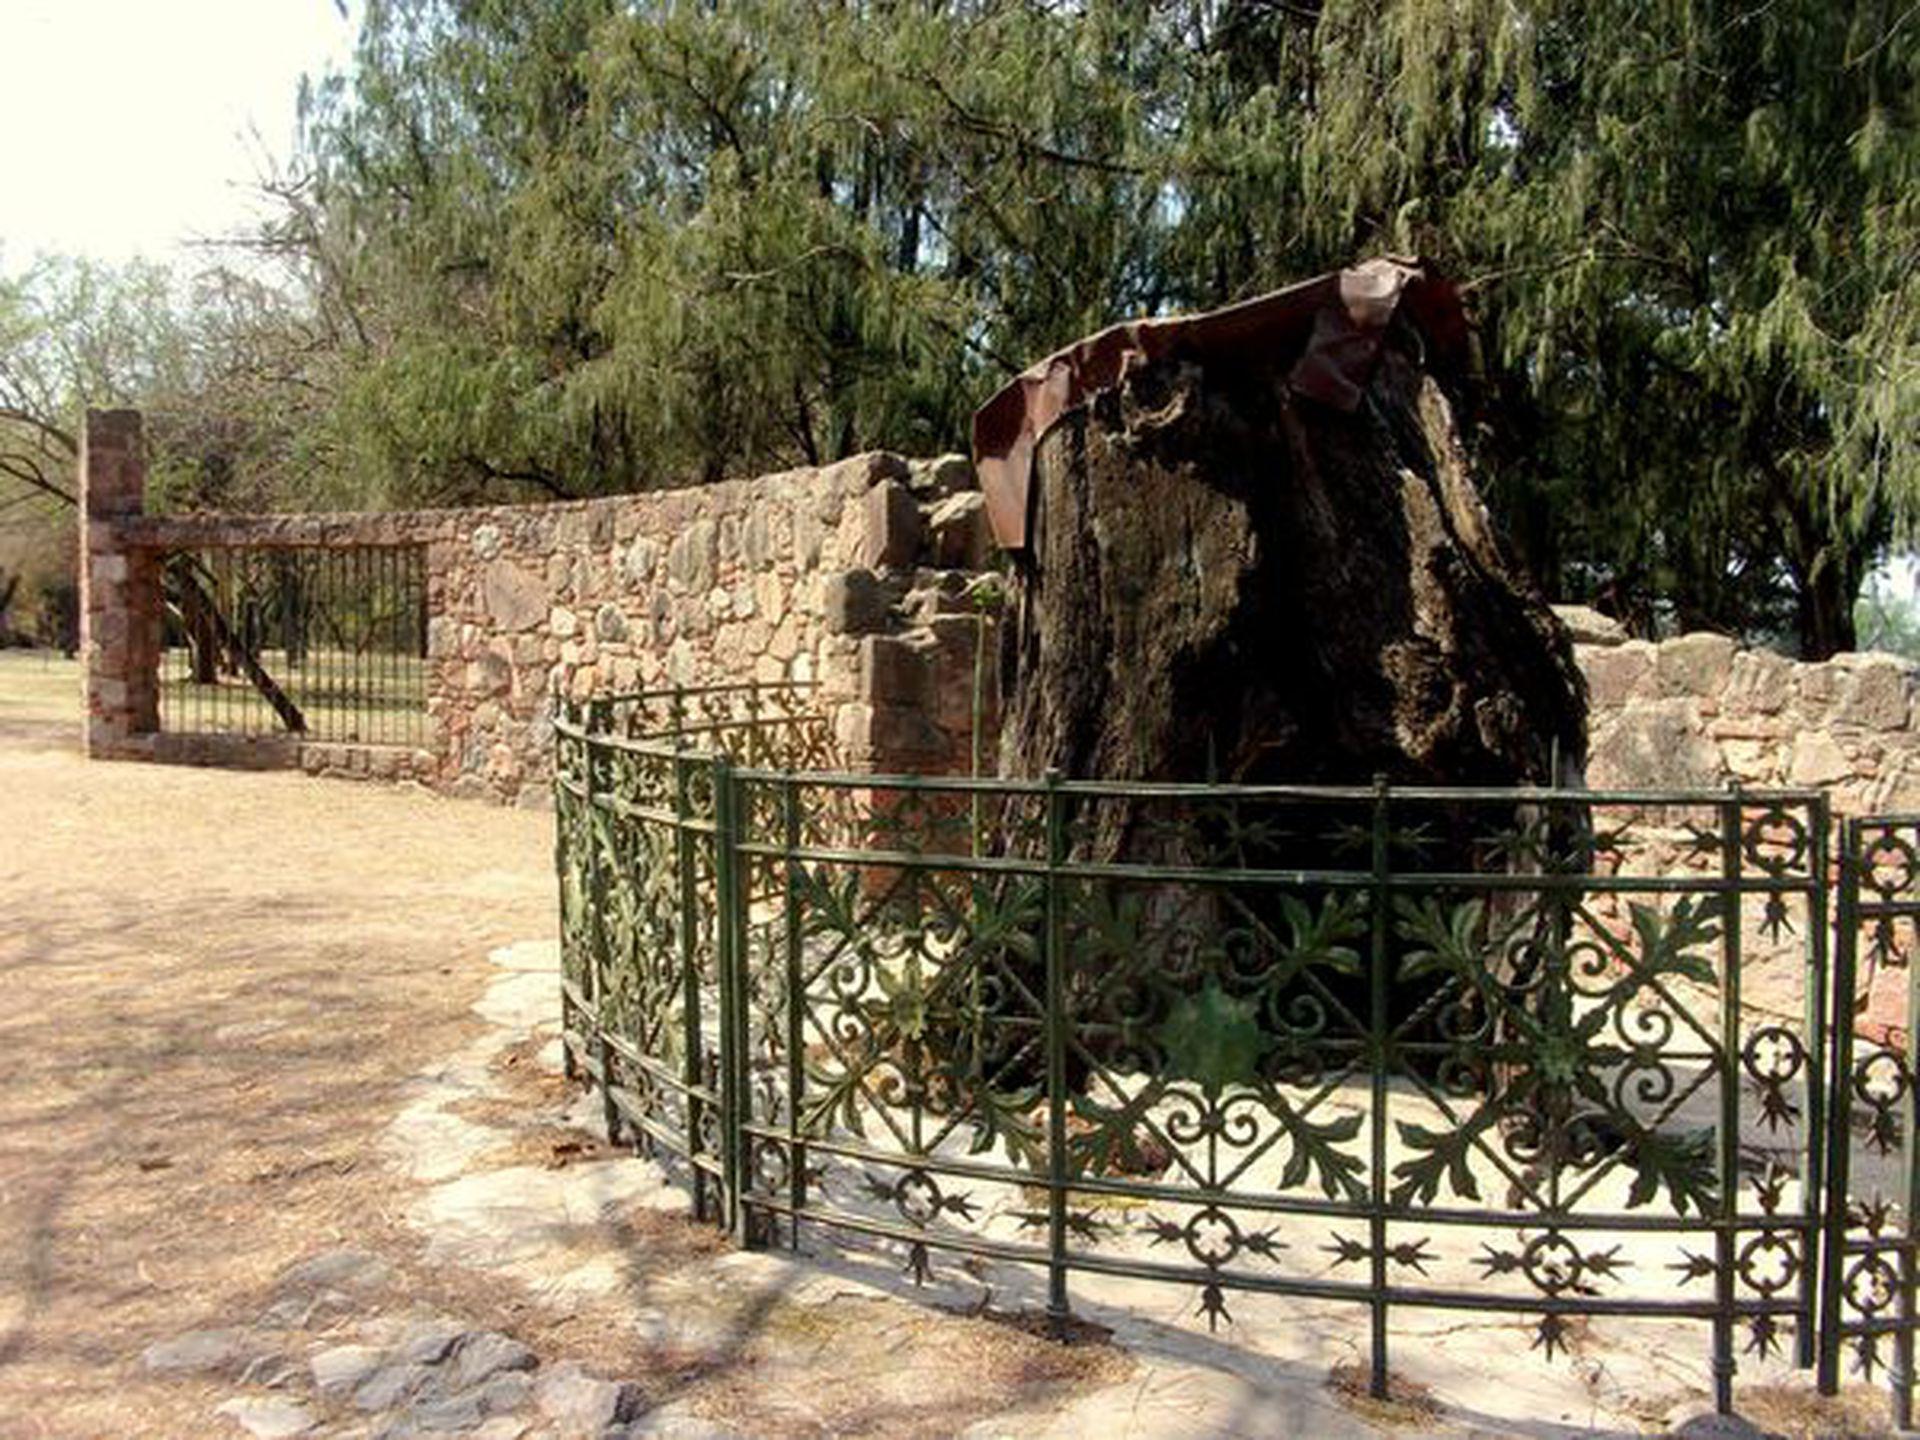 Los restos del histórico nogal en el parque de la Estancia jesuítica de Jesús María.